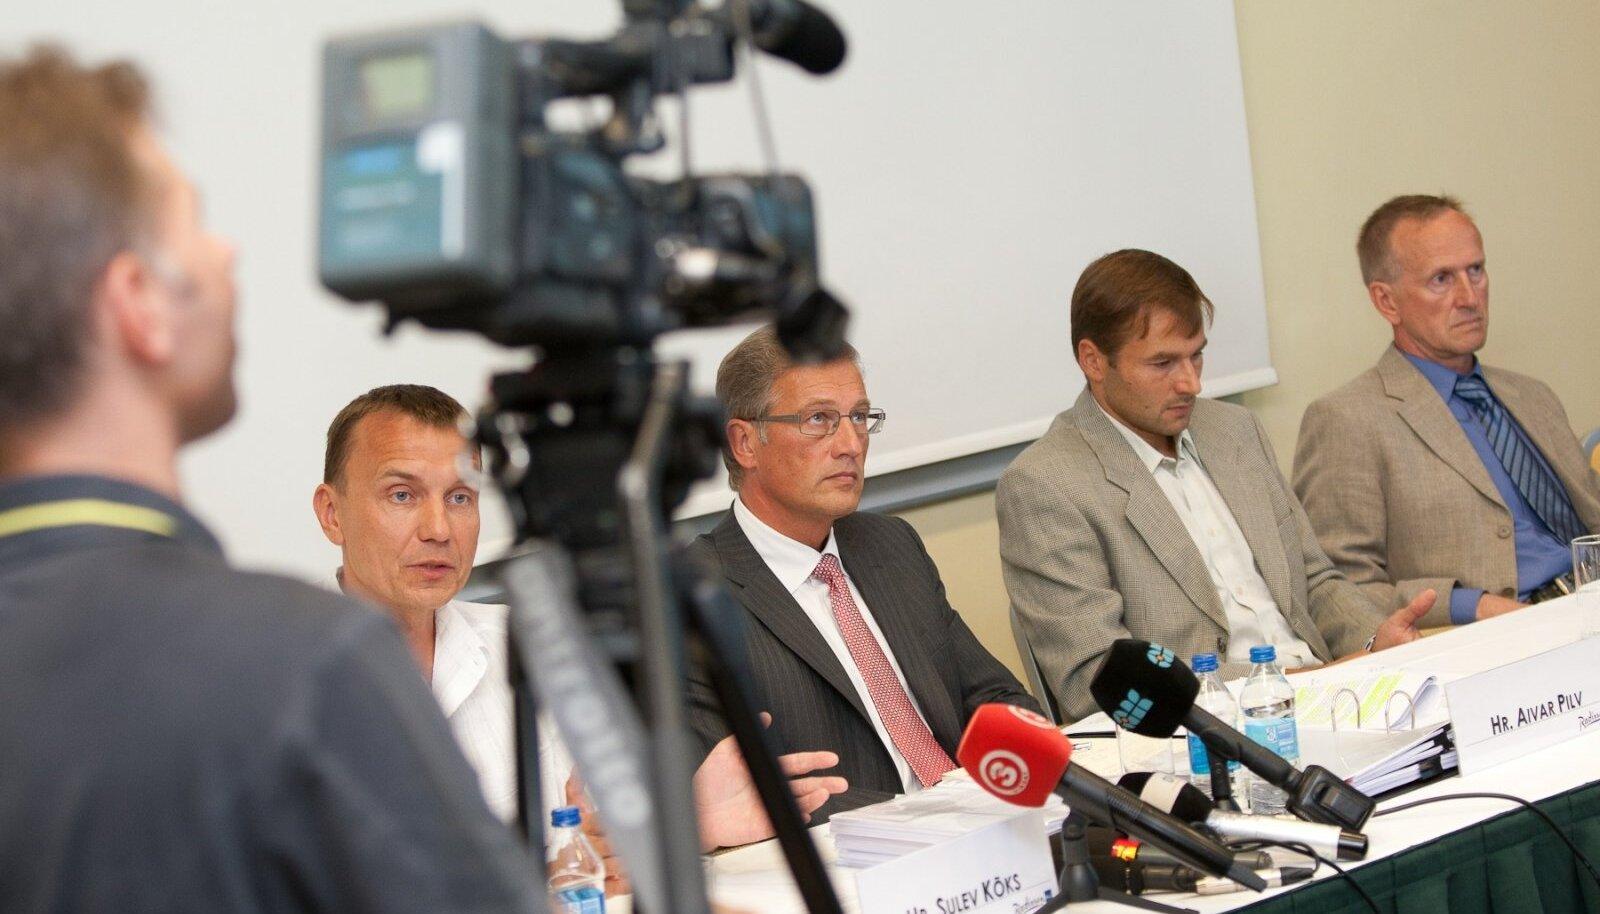 Andrus Veerpalu kaitsemeeskonnas teadlaste rühma juhtinud Sulev Kõks, advokaat Aivar Pilv ning Andrus Veerpalu ja Mati Alaver pressikonverentsil.